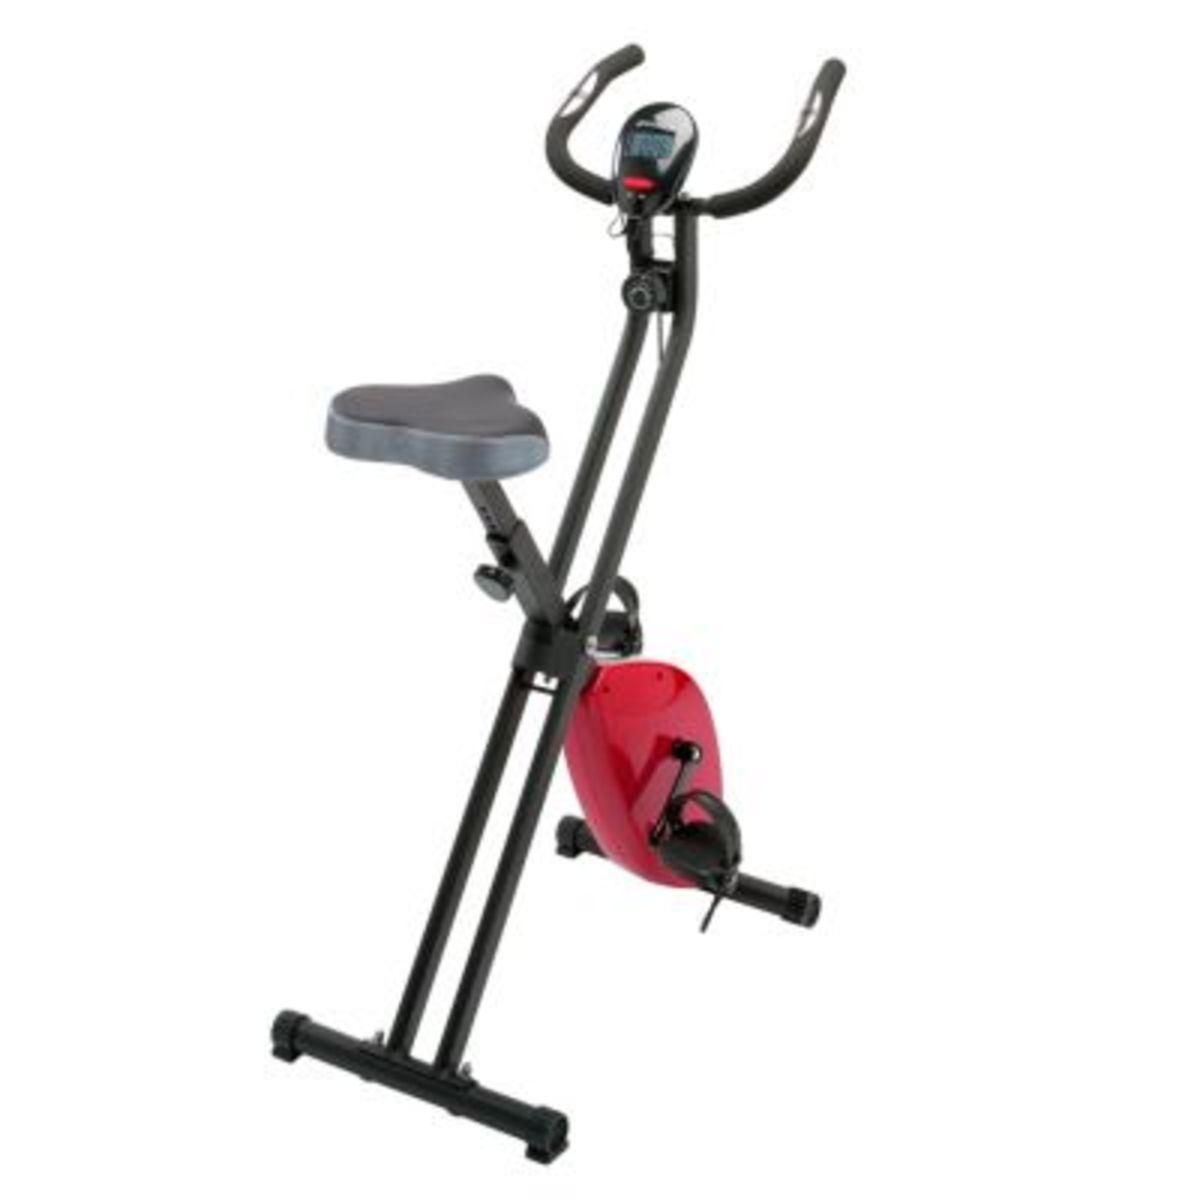 Bild 1 von Heimtrainer Fahrrad